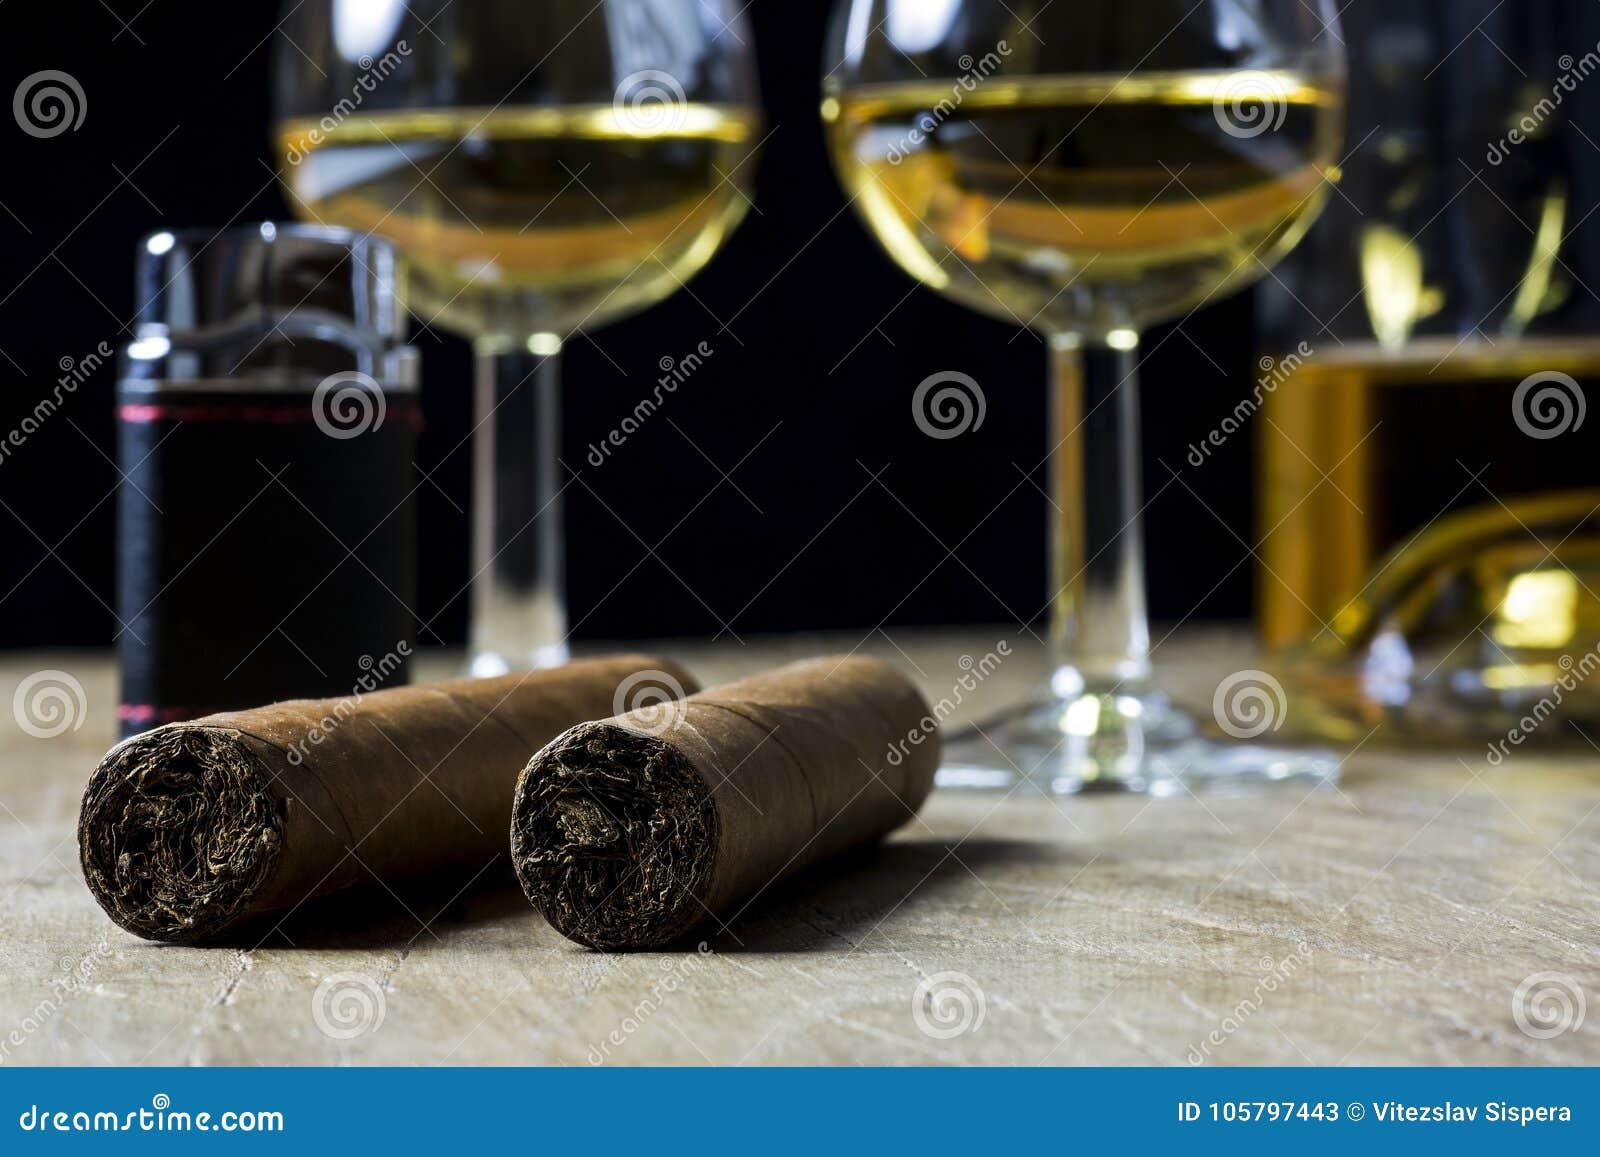 Cubaans sigaren, fles en glas twee whisky en lichter, op ol